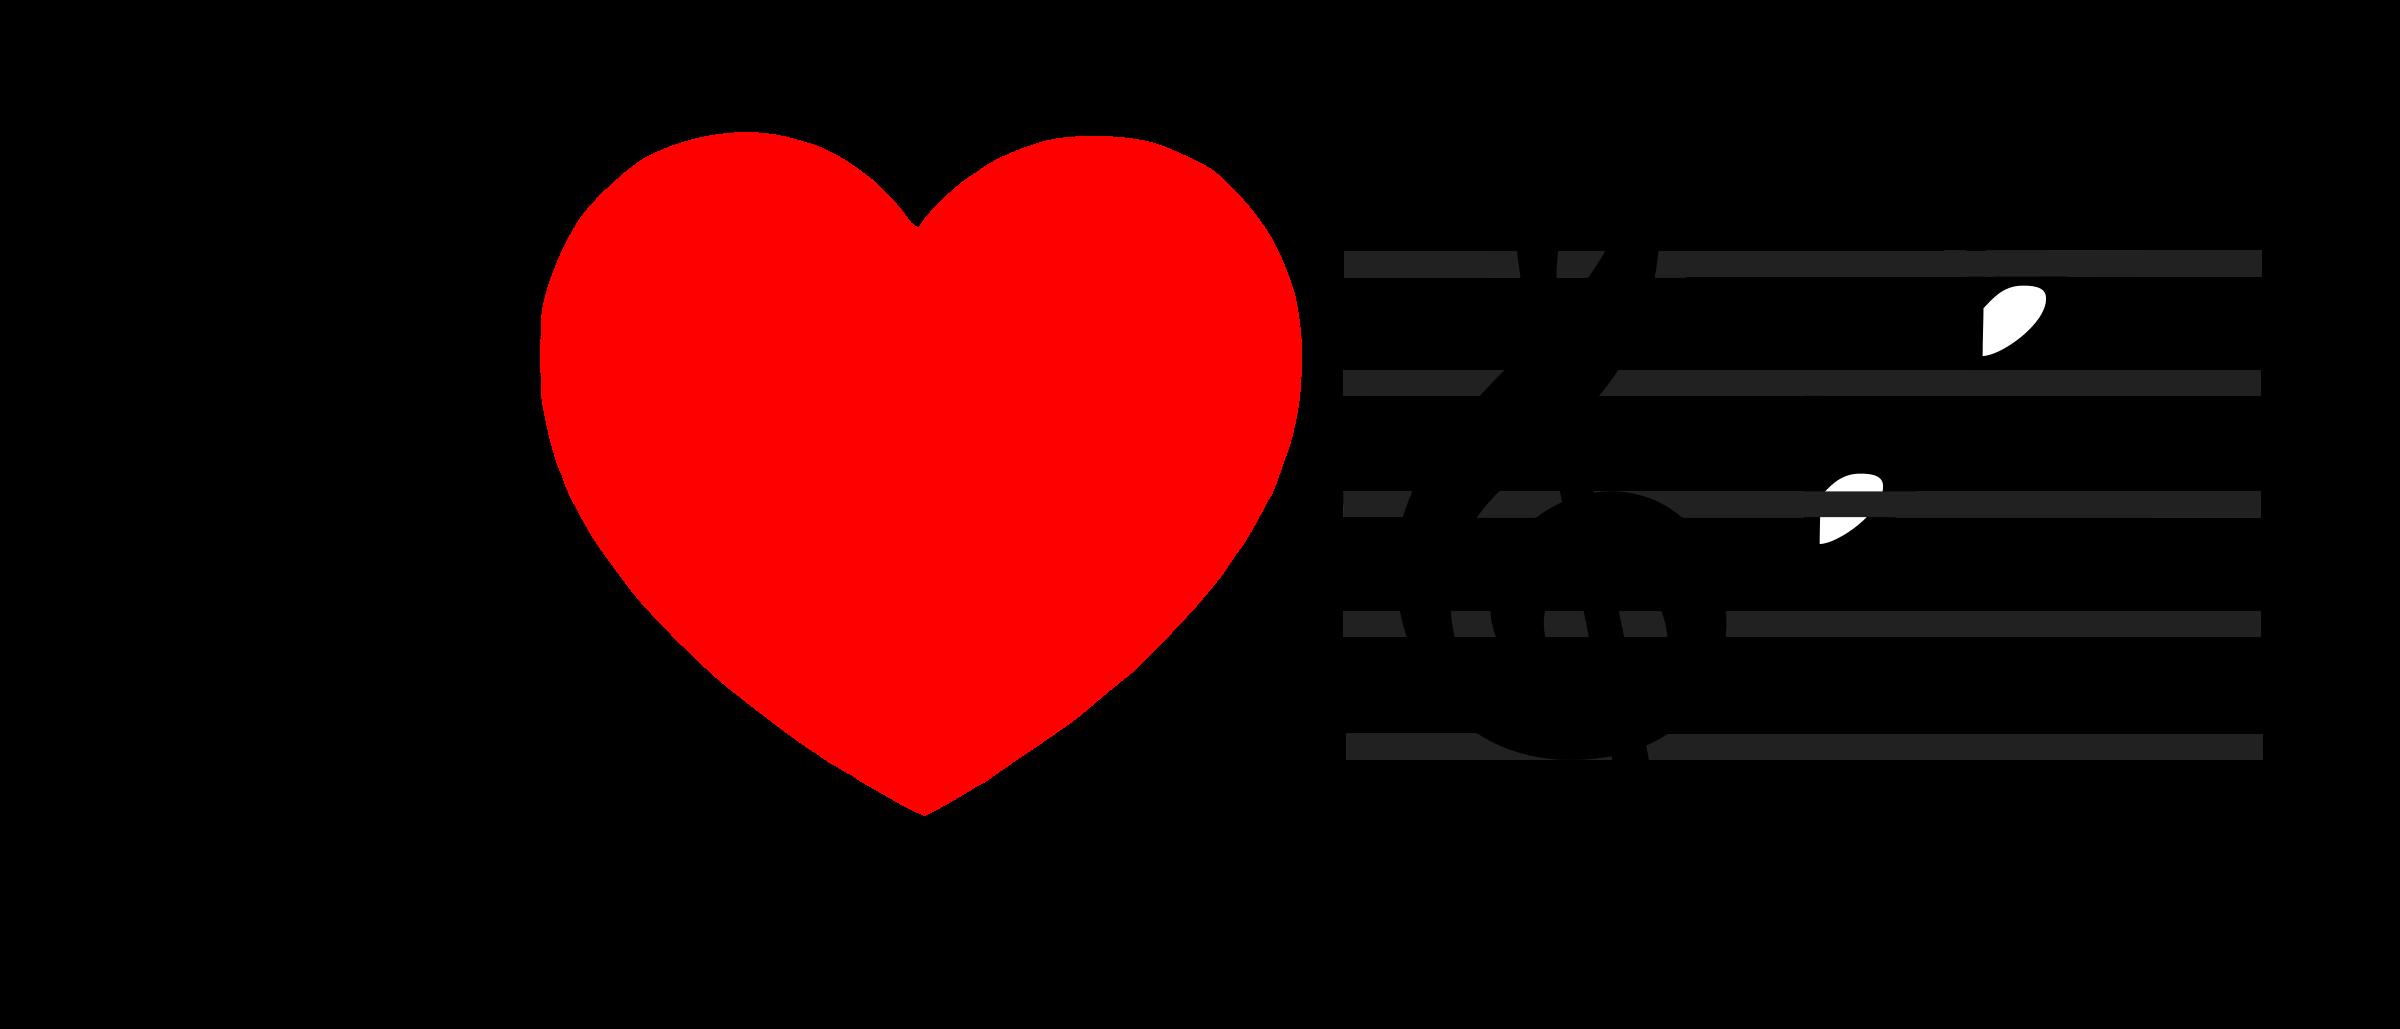 Hearts clipart music. I love heart bflat